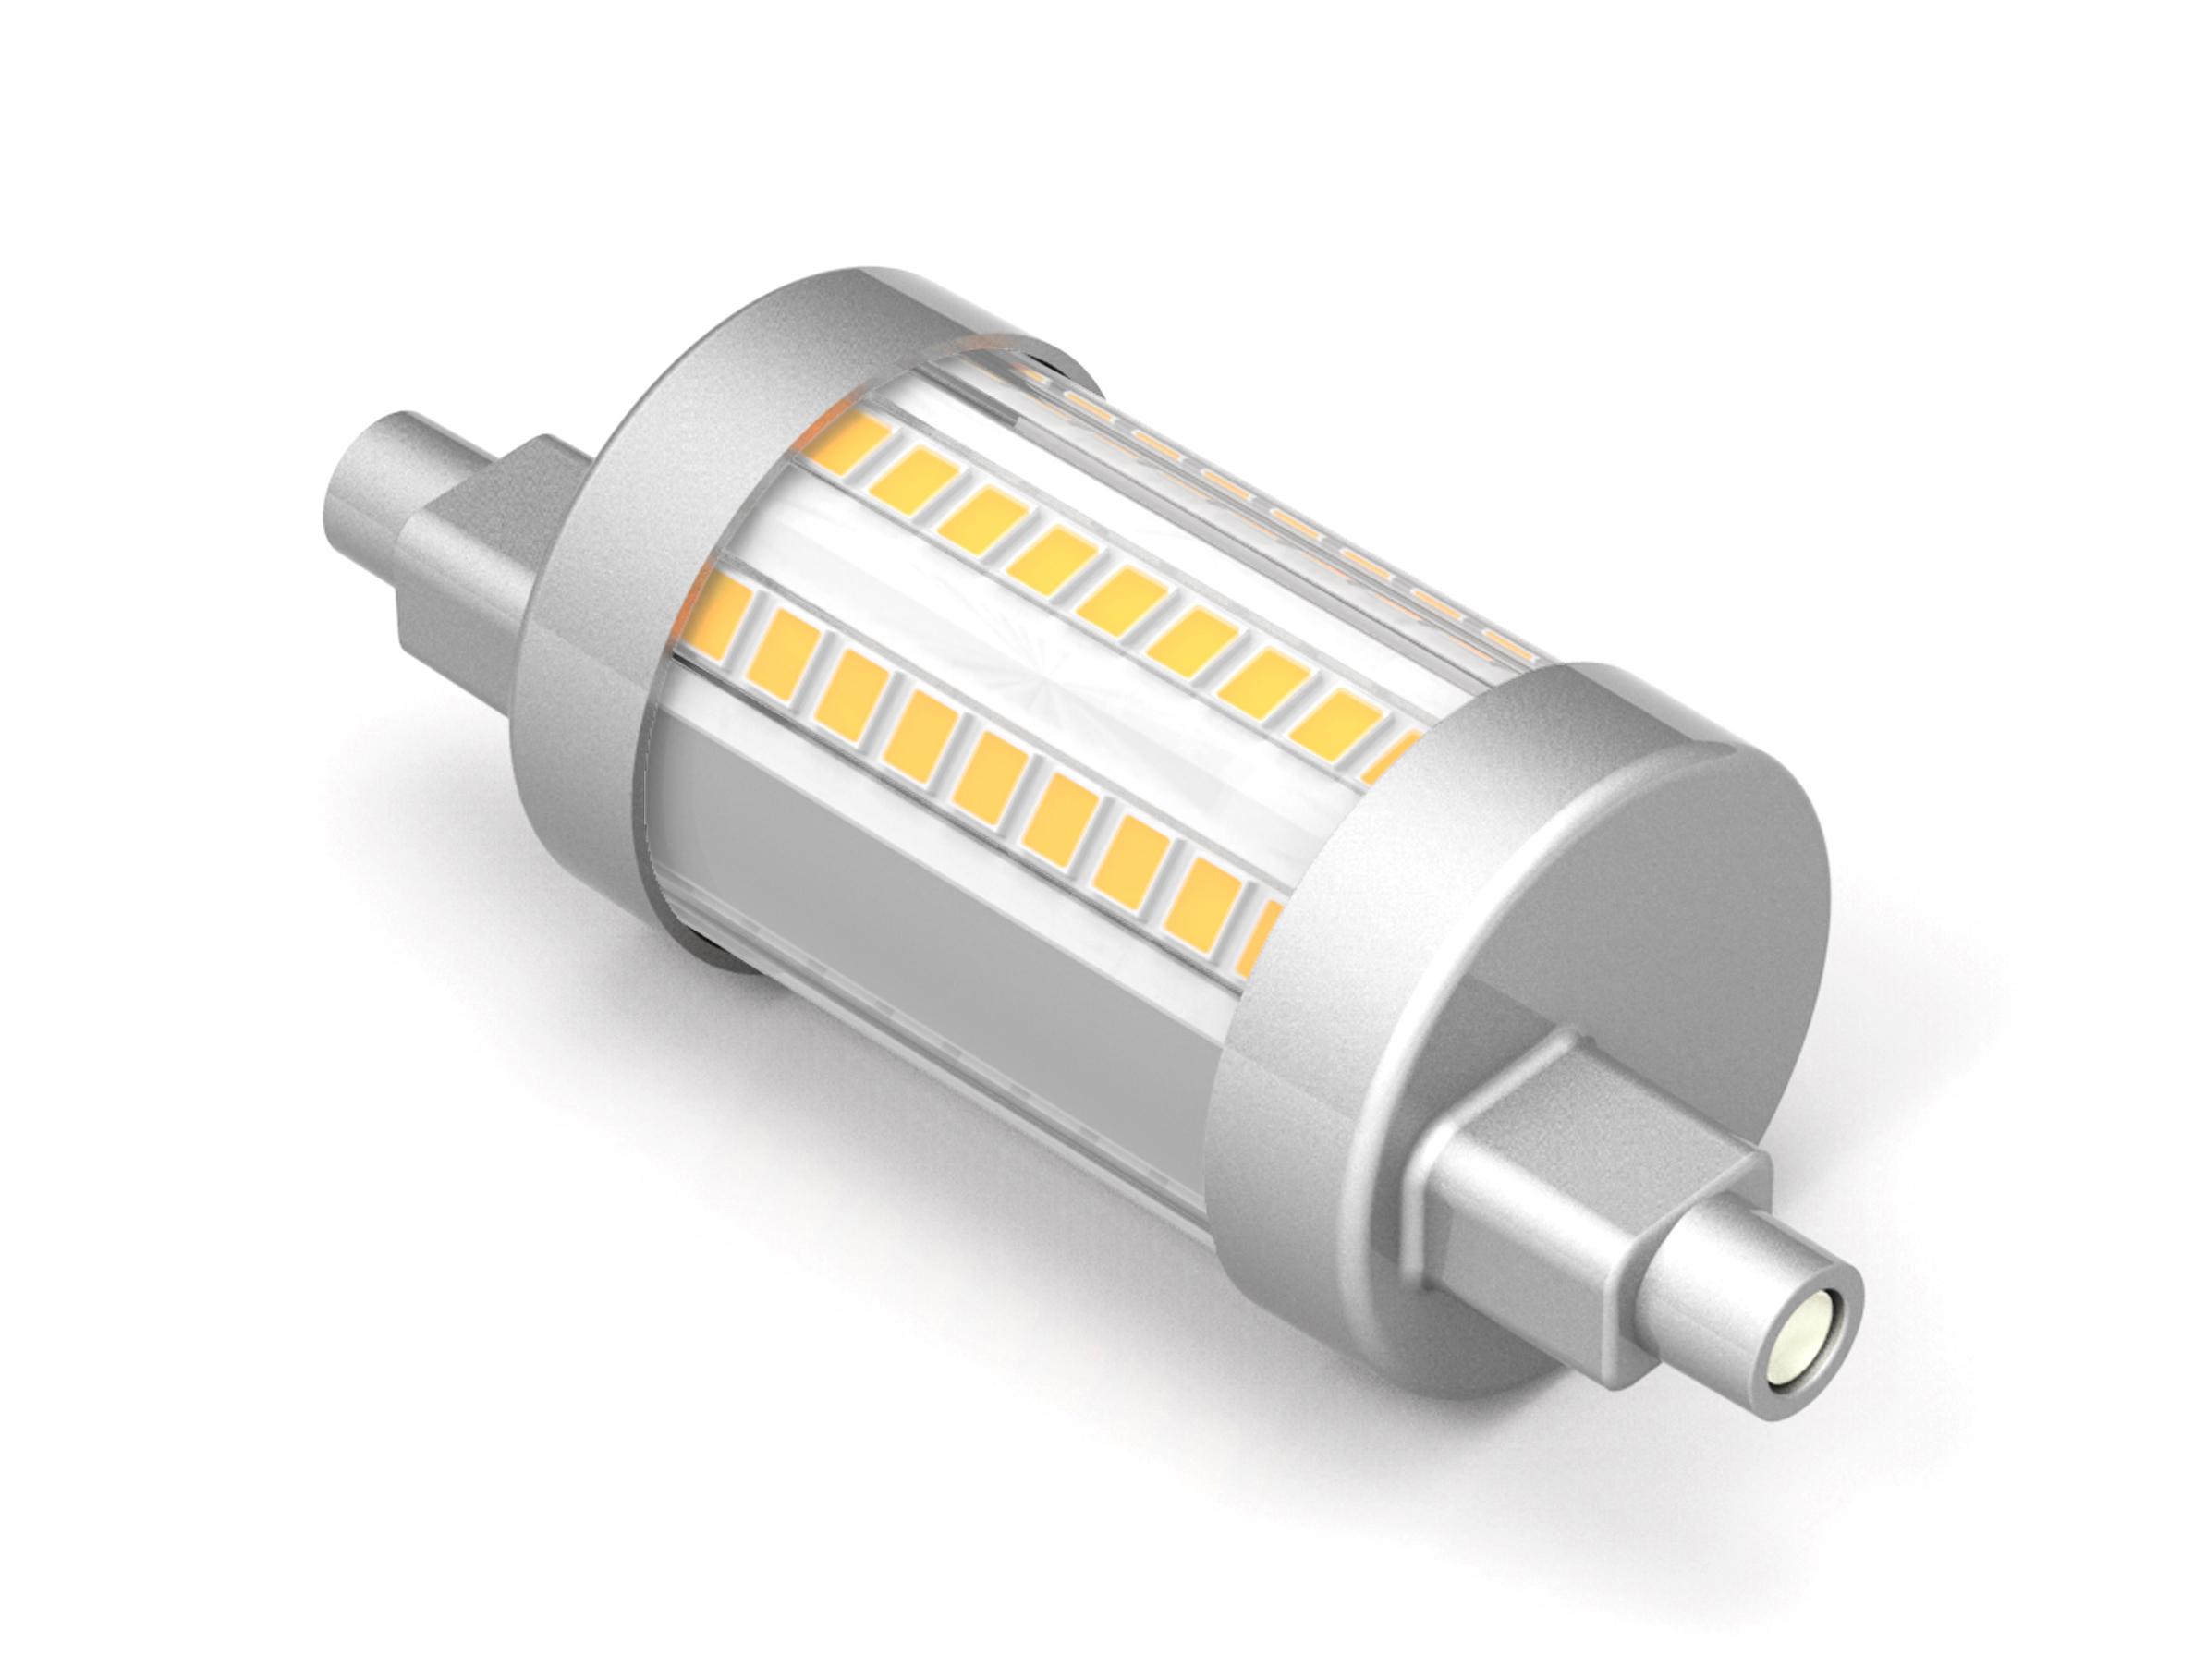 Lampadina led lineare a 8 w r7s luce calda bricocasa for Led luce calda